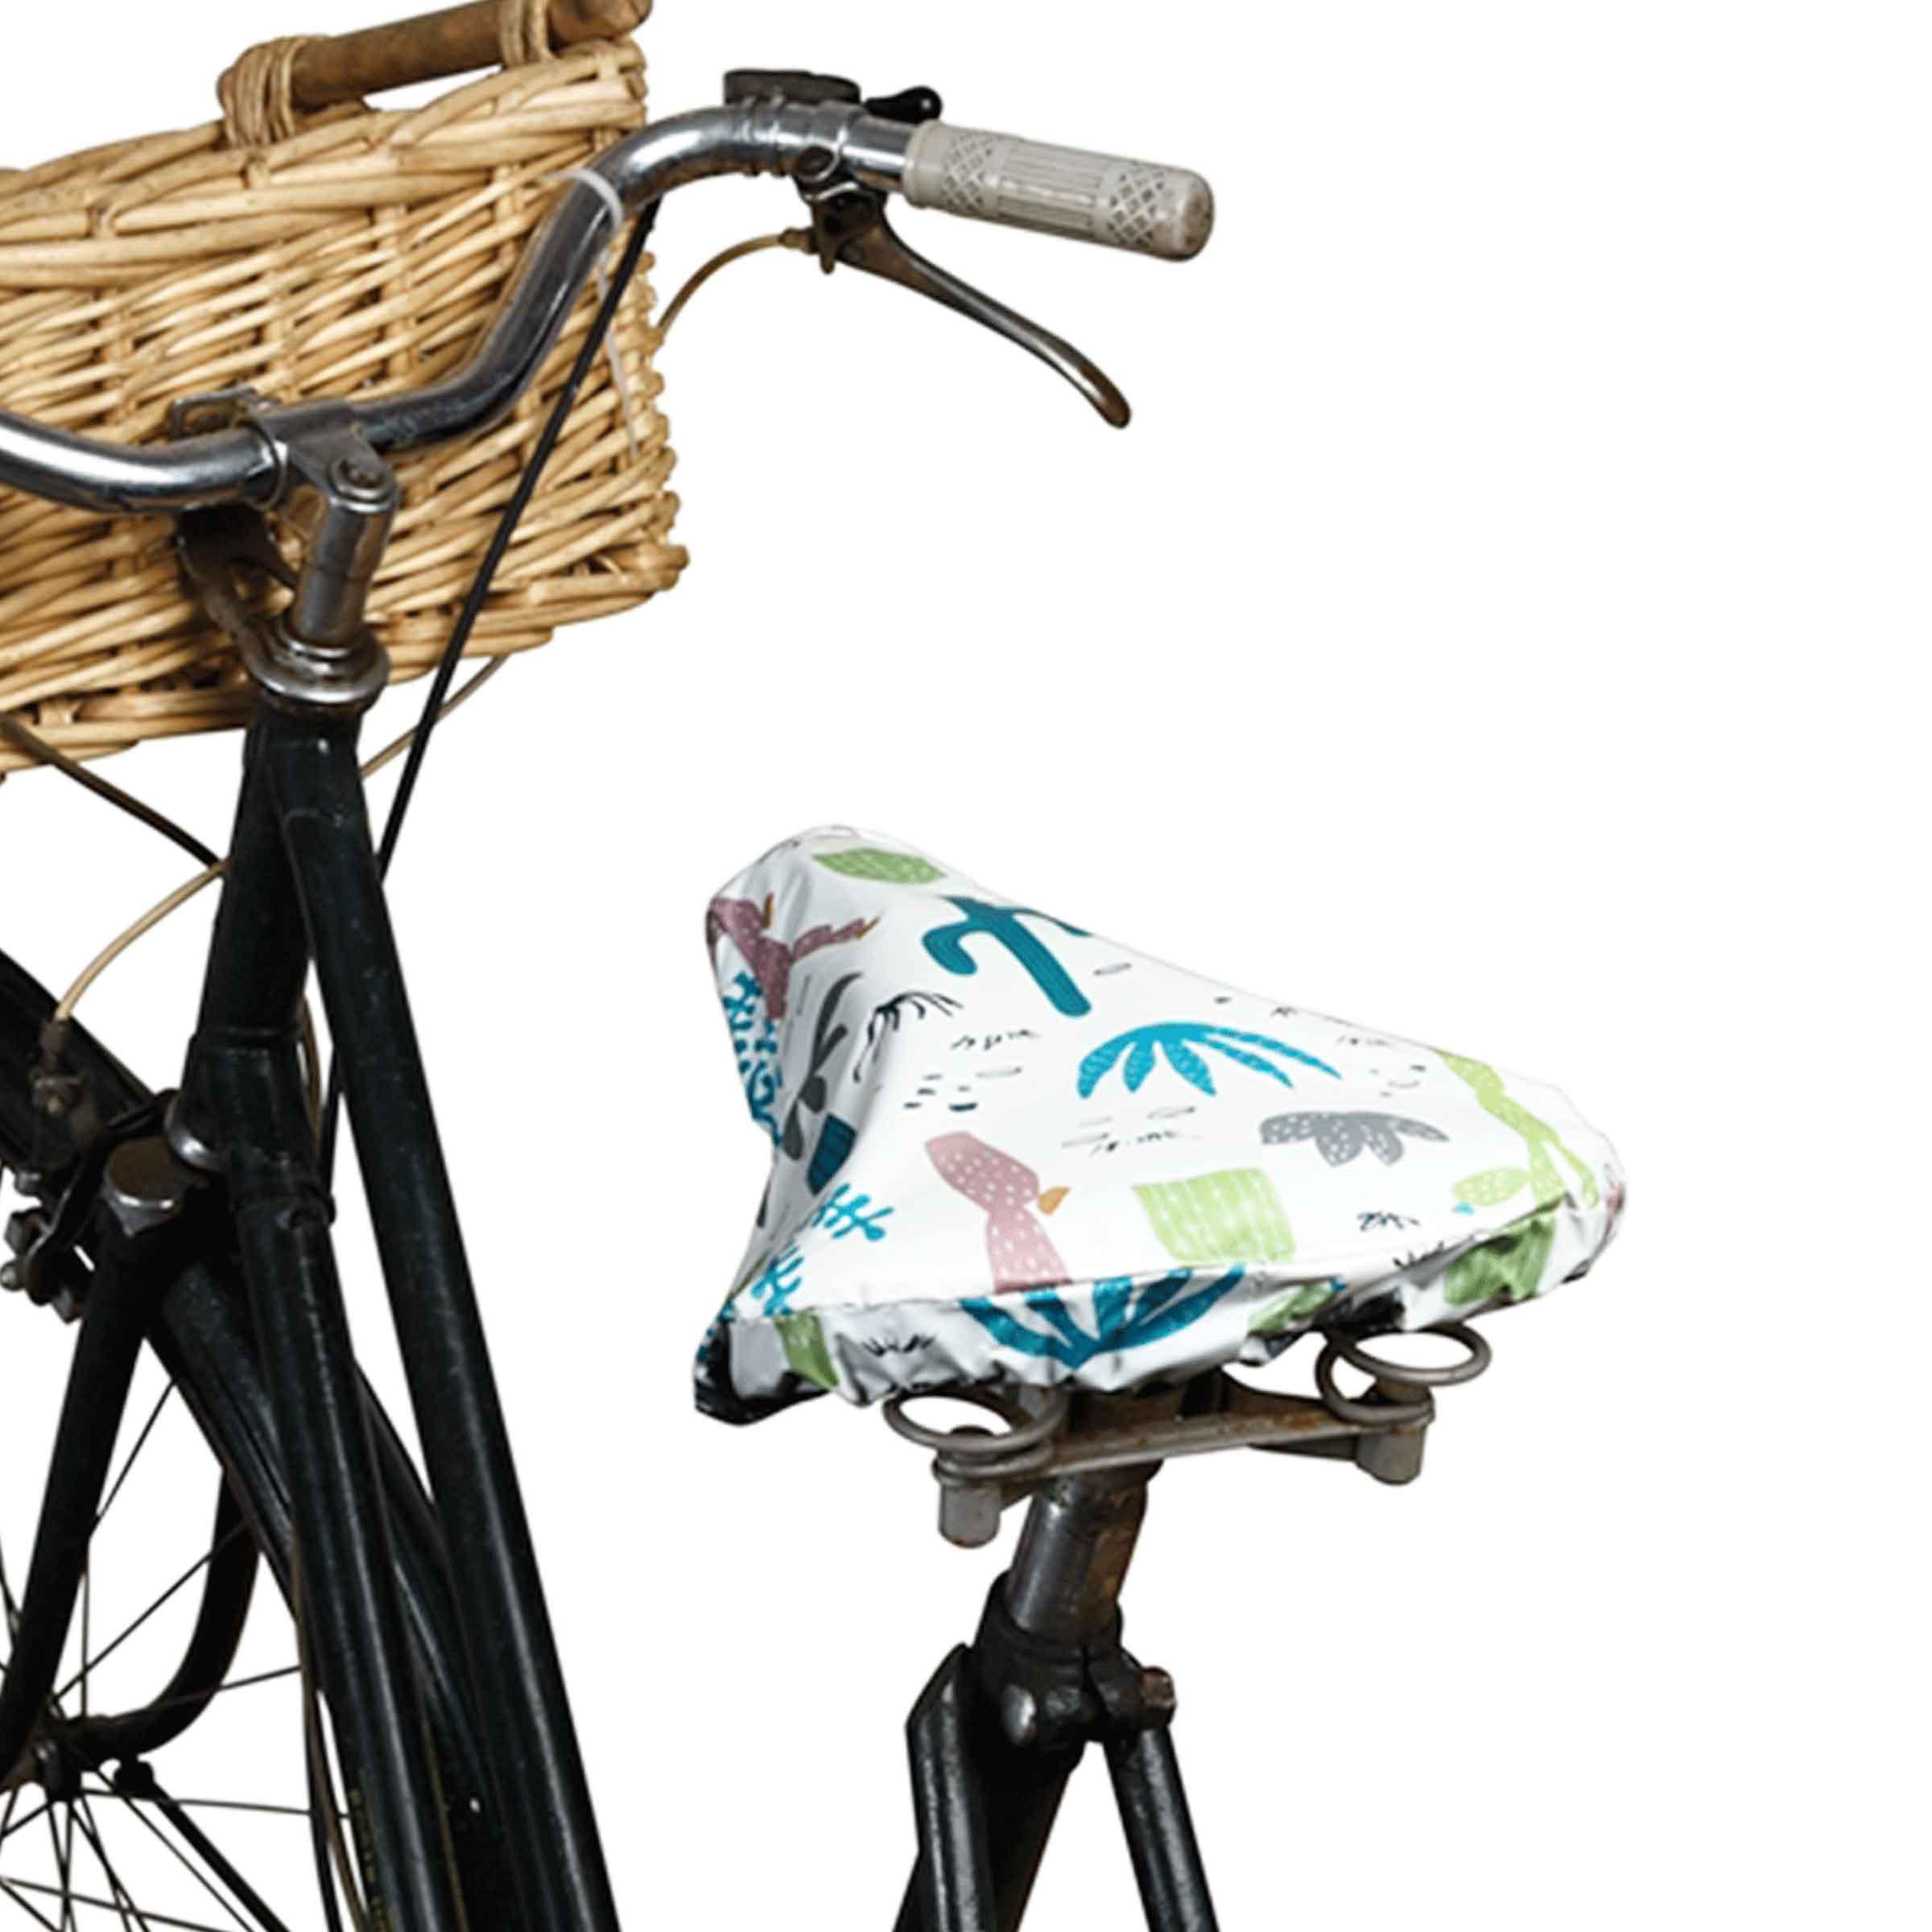 Housse de protection pour selle de vélo en plastique avec motifs cactus verts